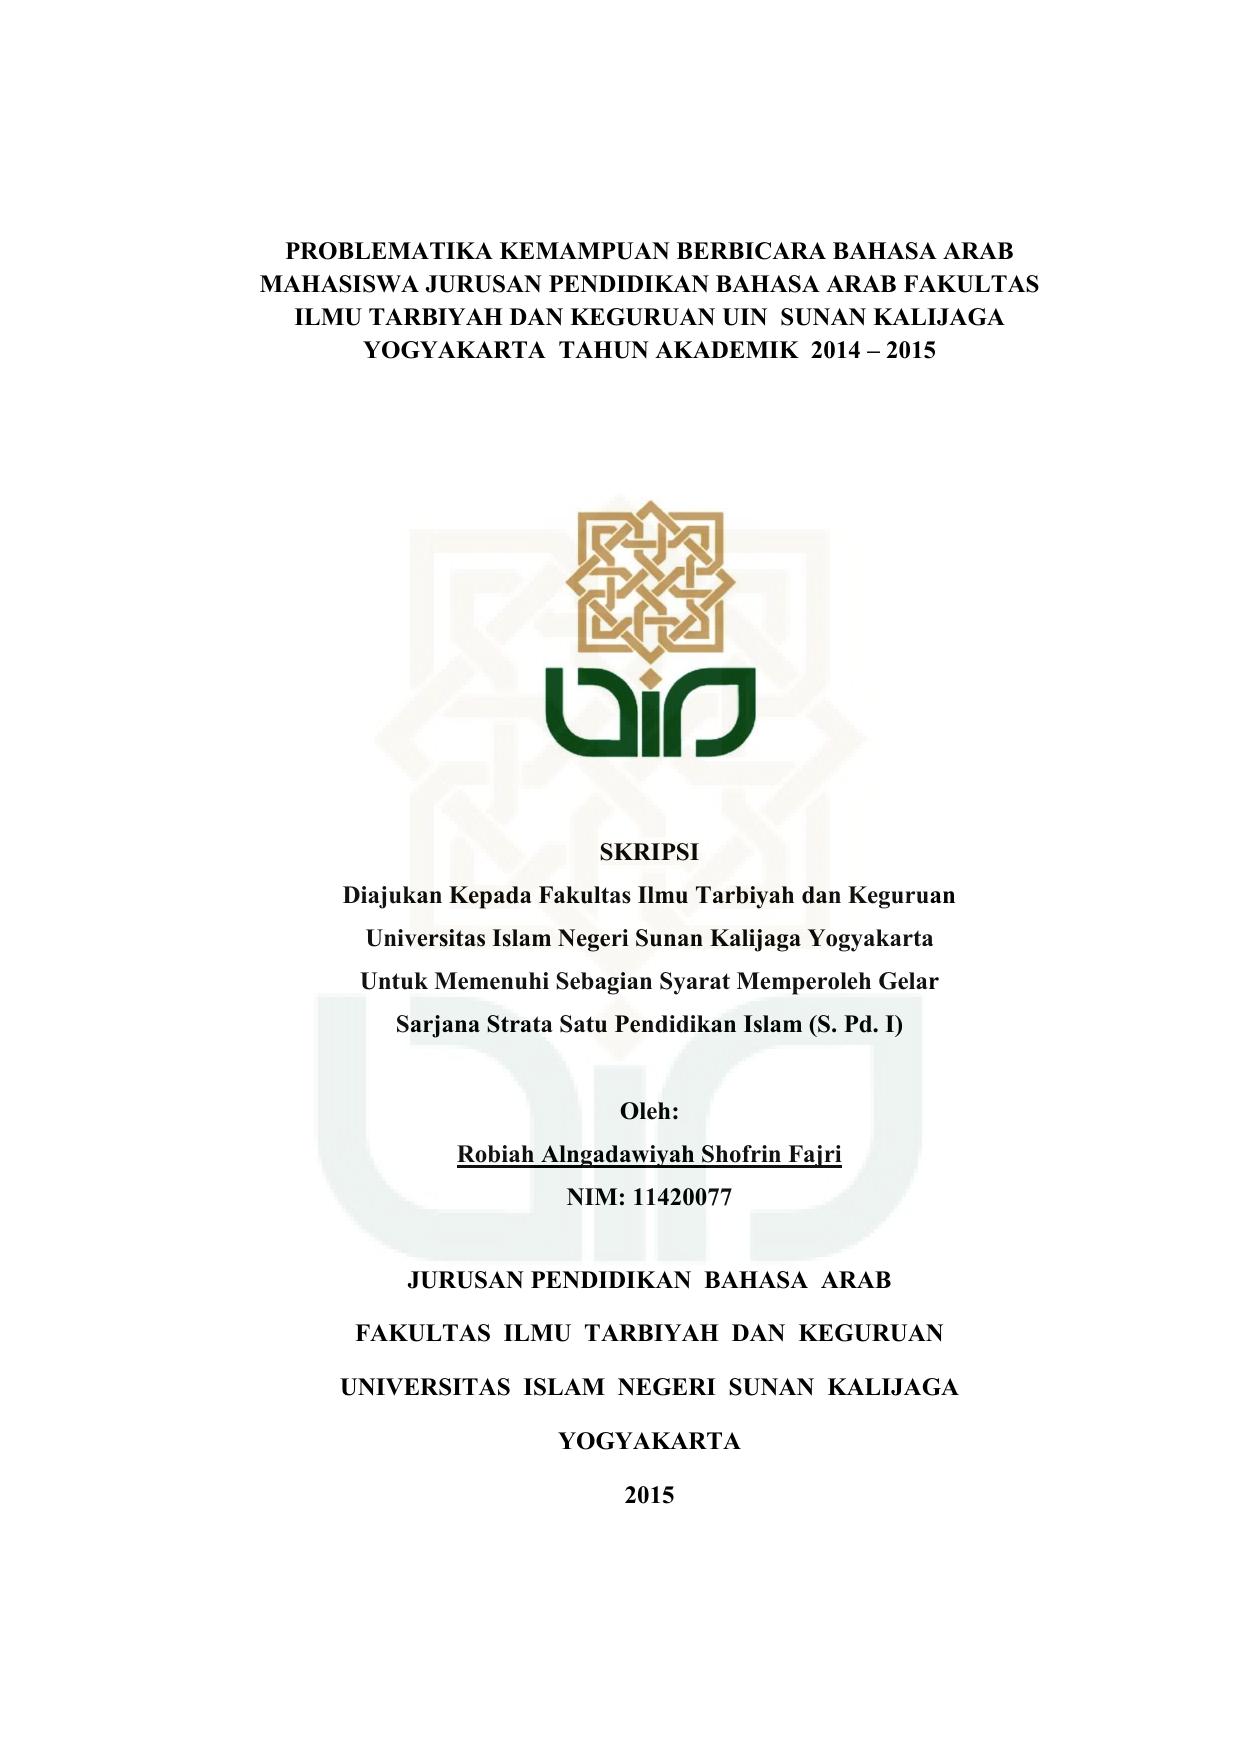 Contoh Proposal Skripsi Bahasa Arab Kualitatif Kumpulan Berbagai Skripsi